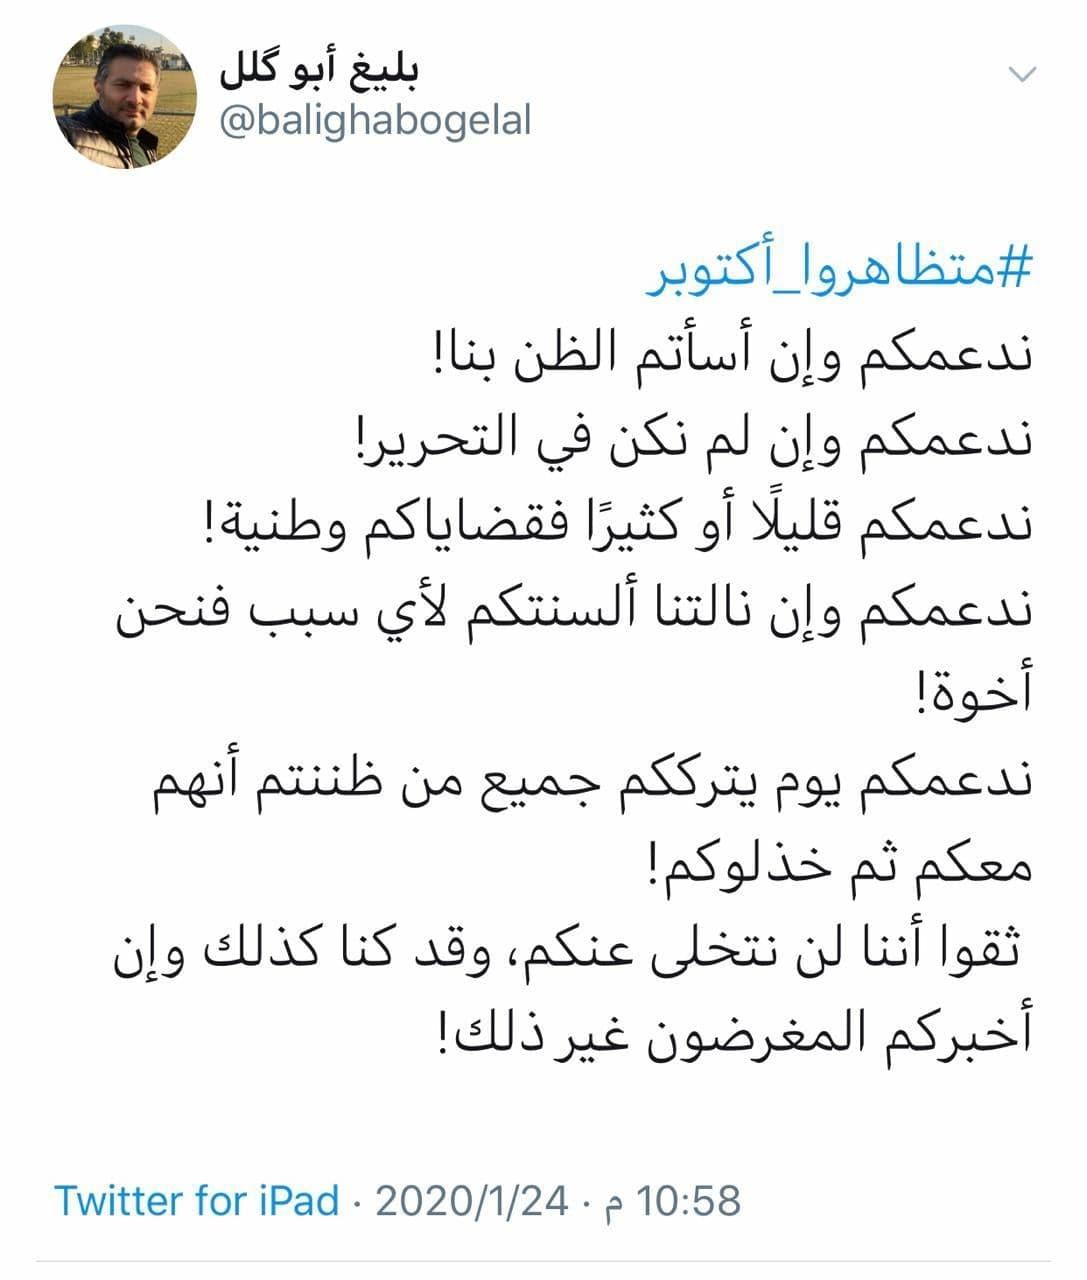 قيادي في تيار الحكيم لمتظاهري تشرين: ندعمكم يوم يخذلكم من ظننتم أنهم معكم!